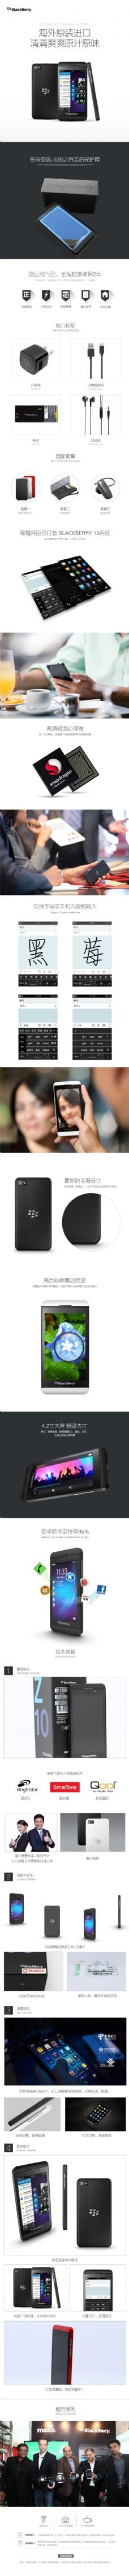 蓝莓手机详情页面